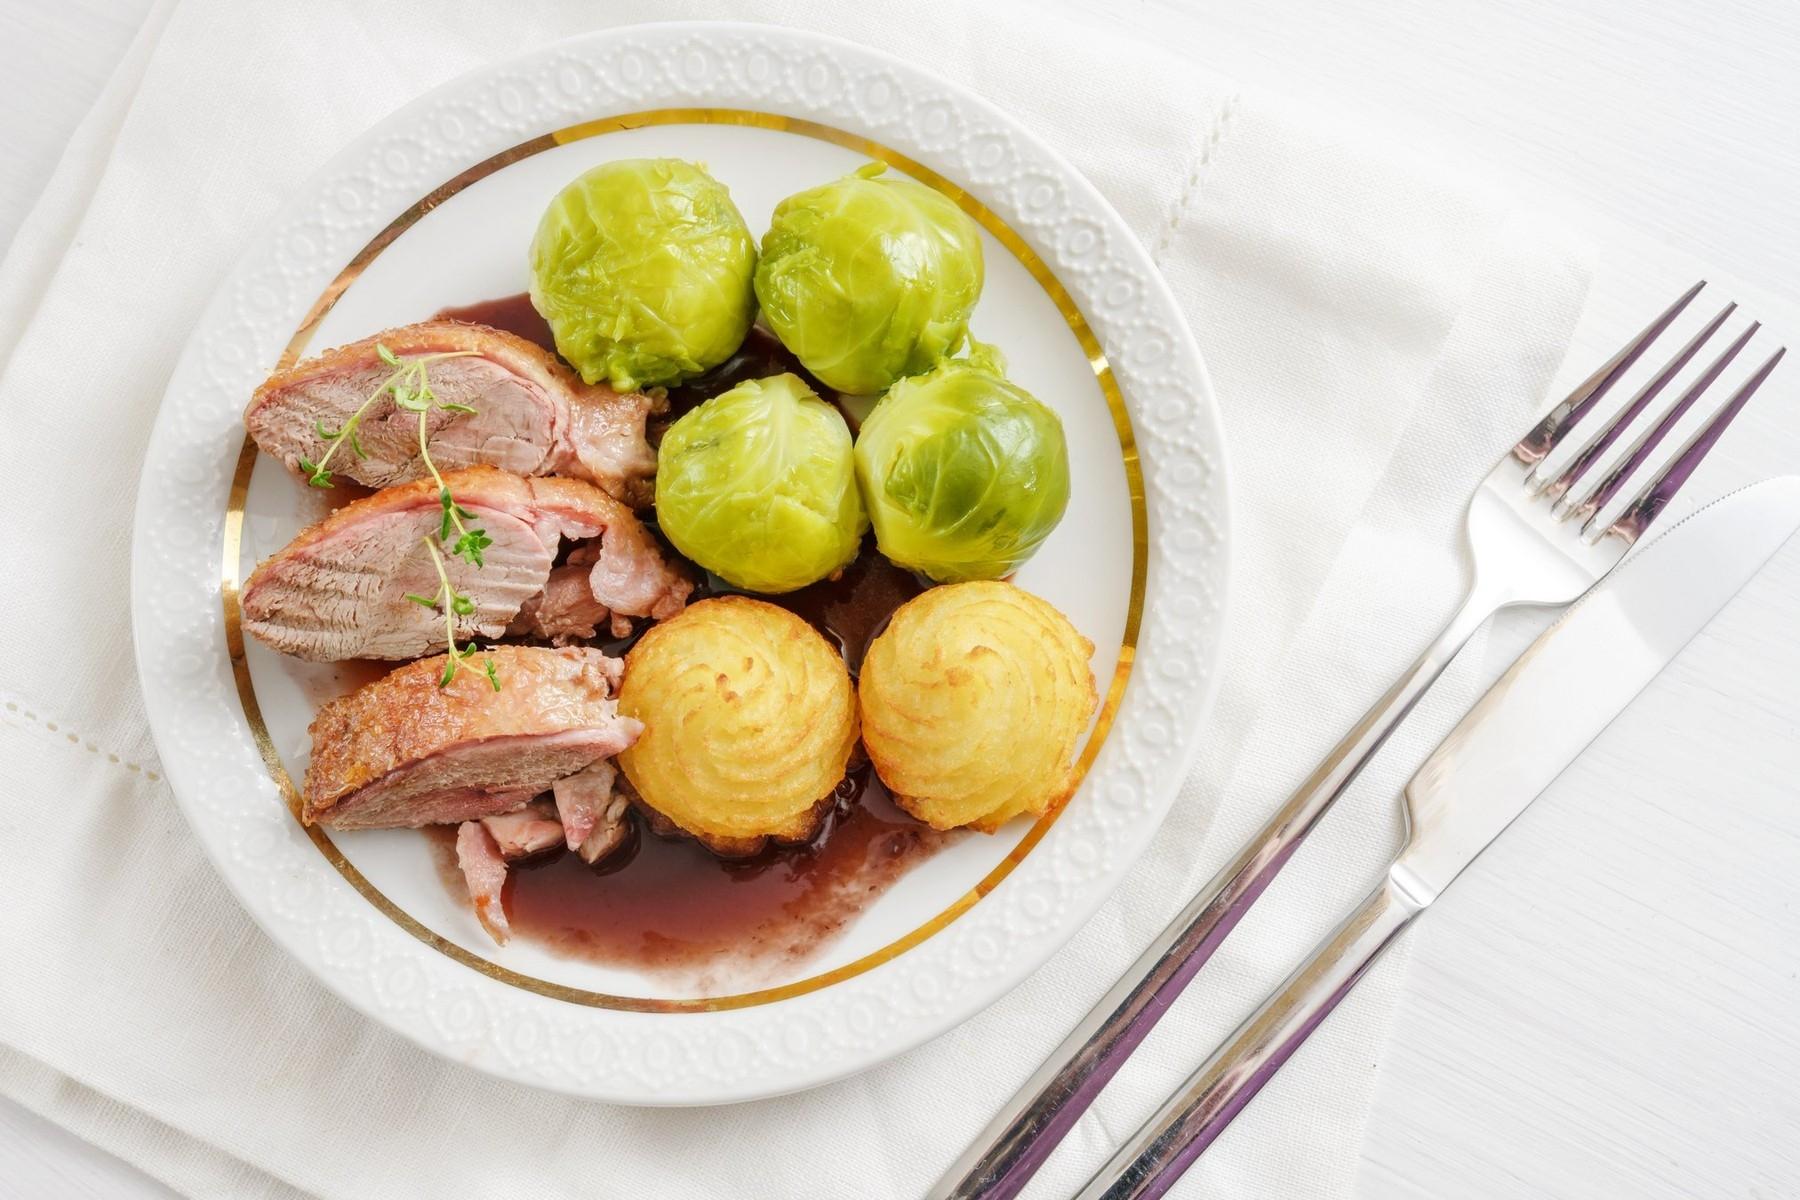 Kachní prsa, kapusta a brambory. Inspirace, jak složit vhodný vyvážený oběd. Foto: profimedia